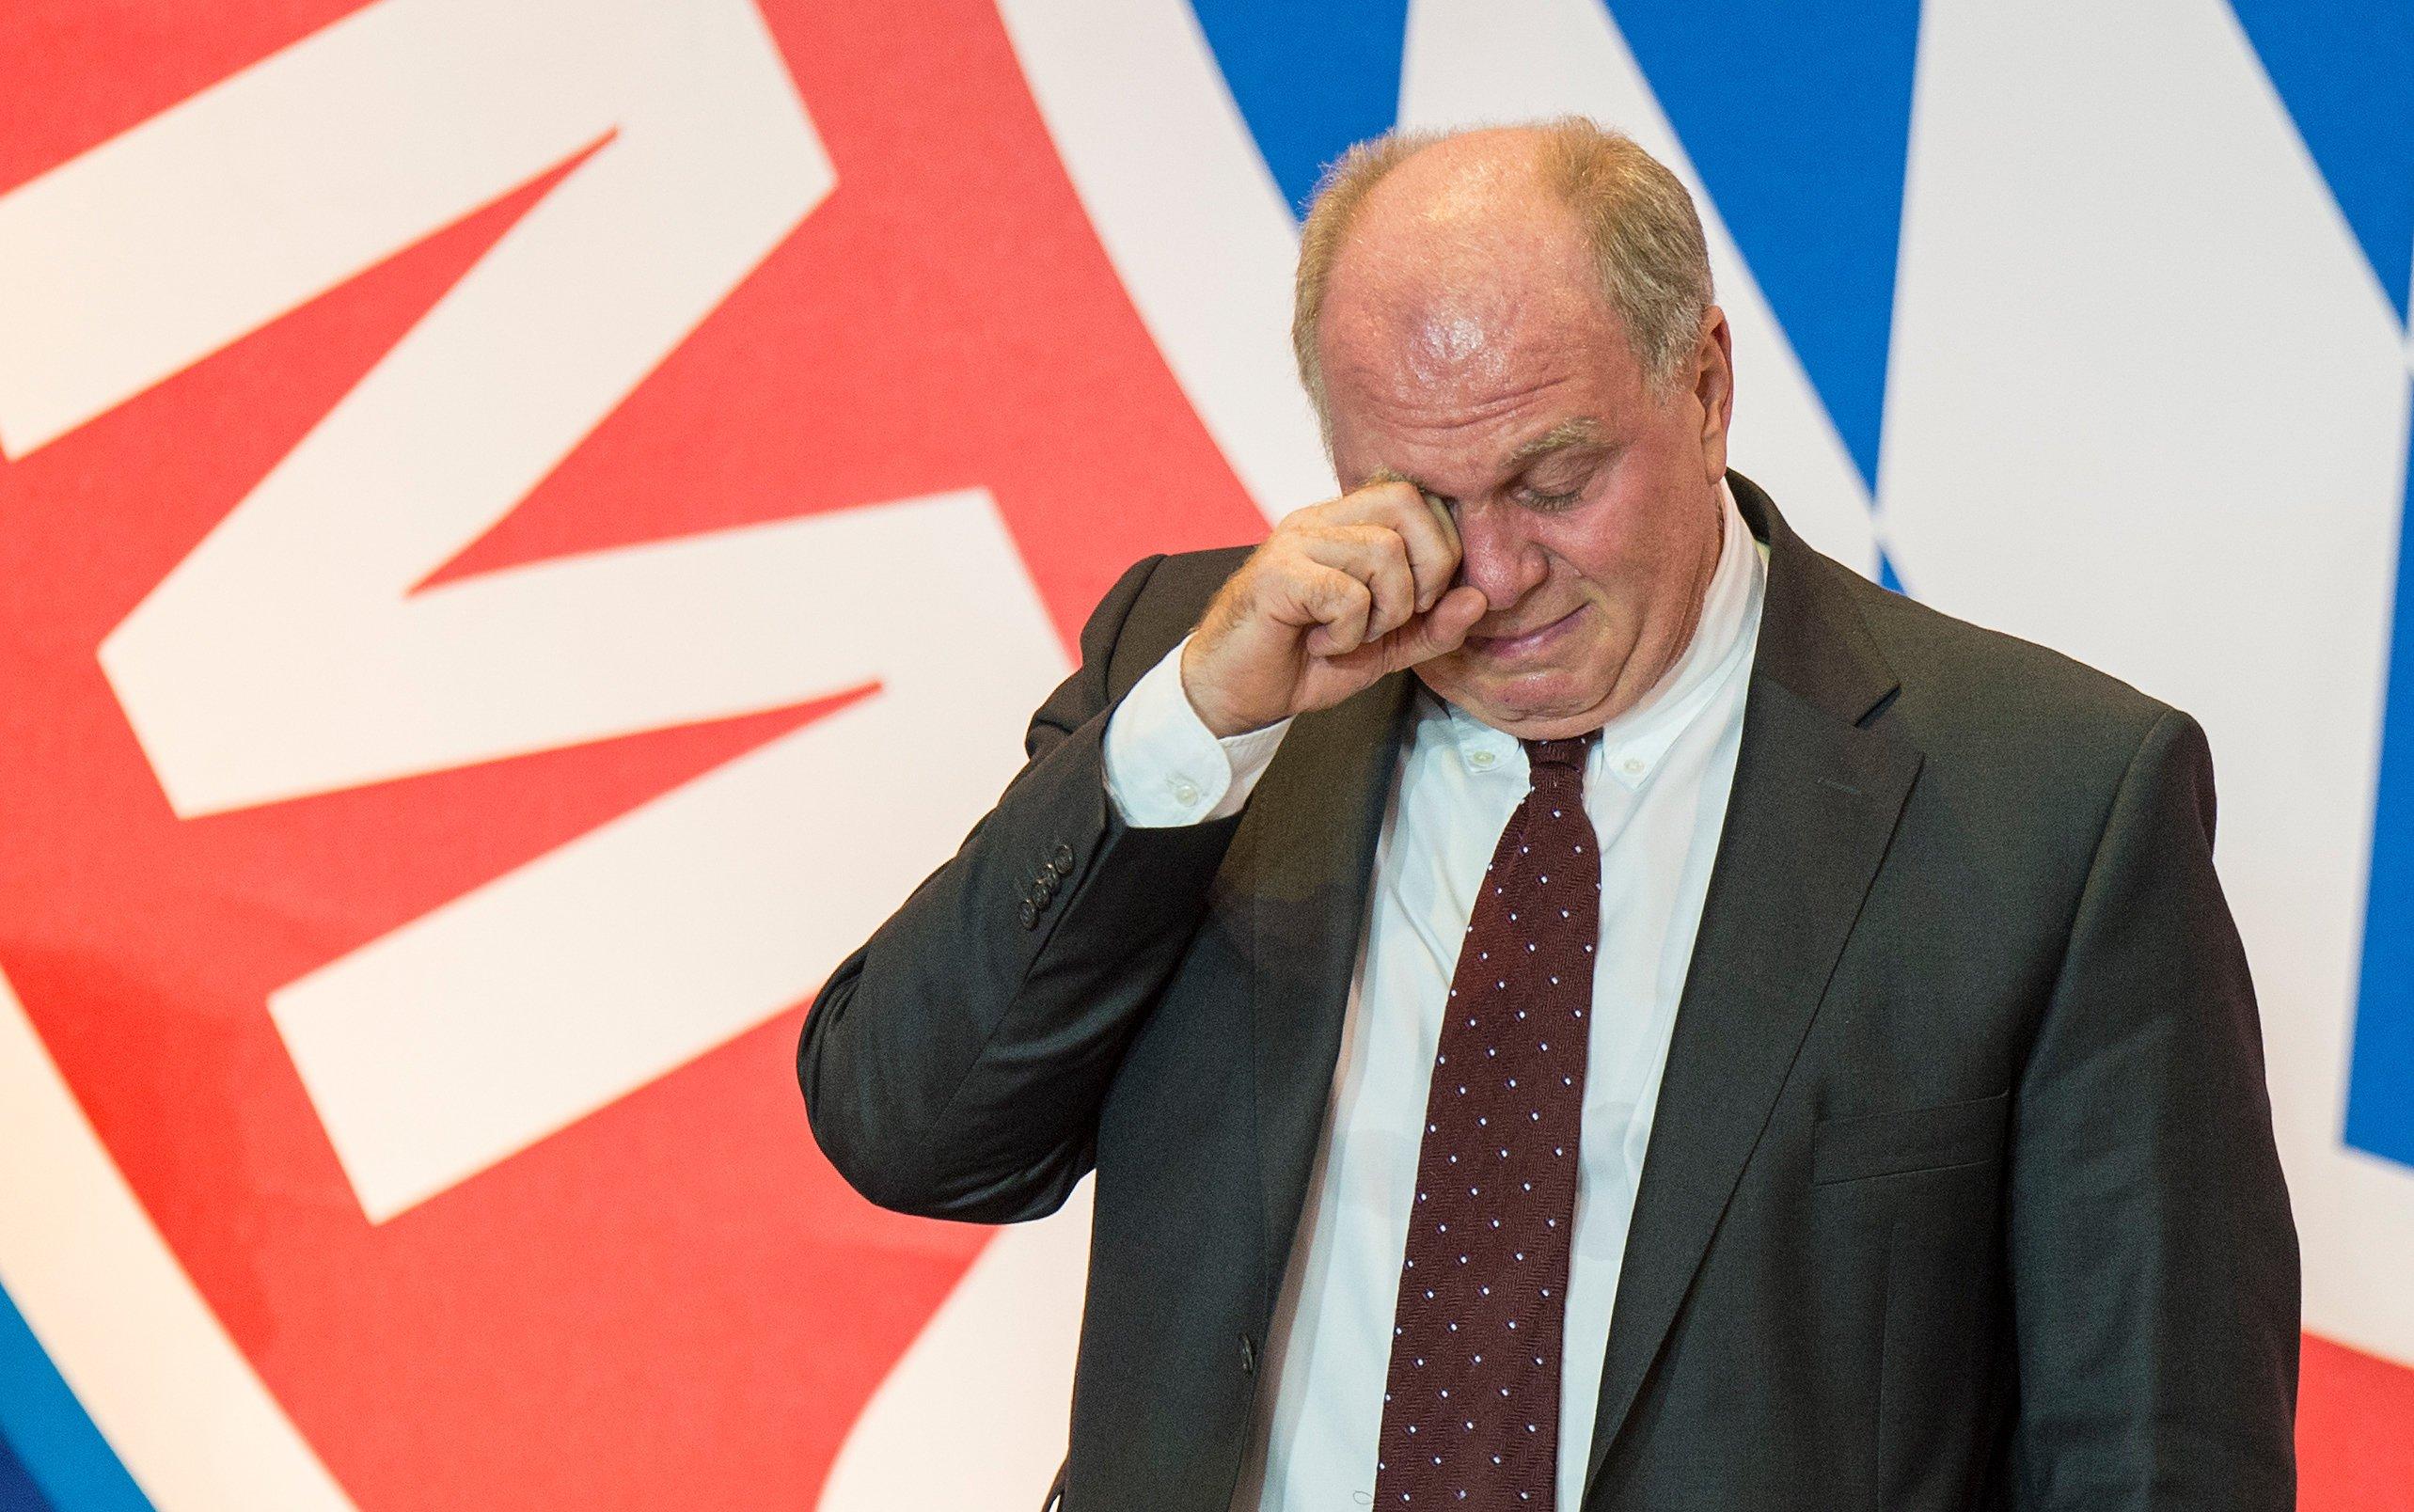 Uli Hoeneß, Ex-Fußballfunktionär und -Spieler: Anlässe zum Weinen gibt es viele. Welchem biologischen Zweck es dient, Tränen zu vergießen, ist aber wissenschaftlich noch weitgehend ungeklärt.